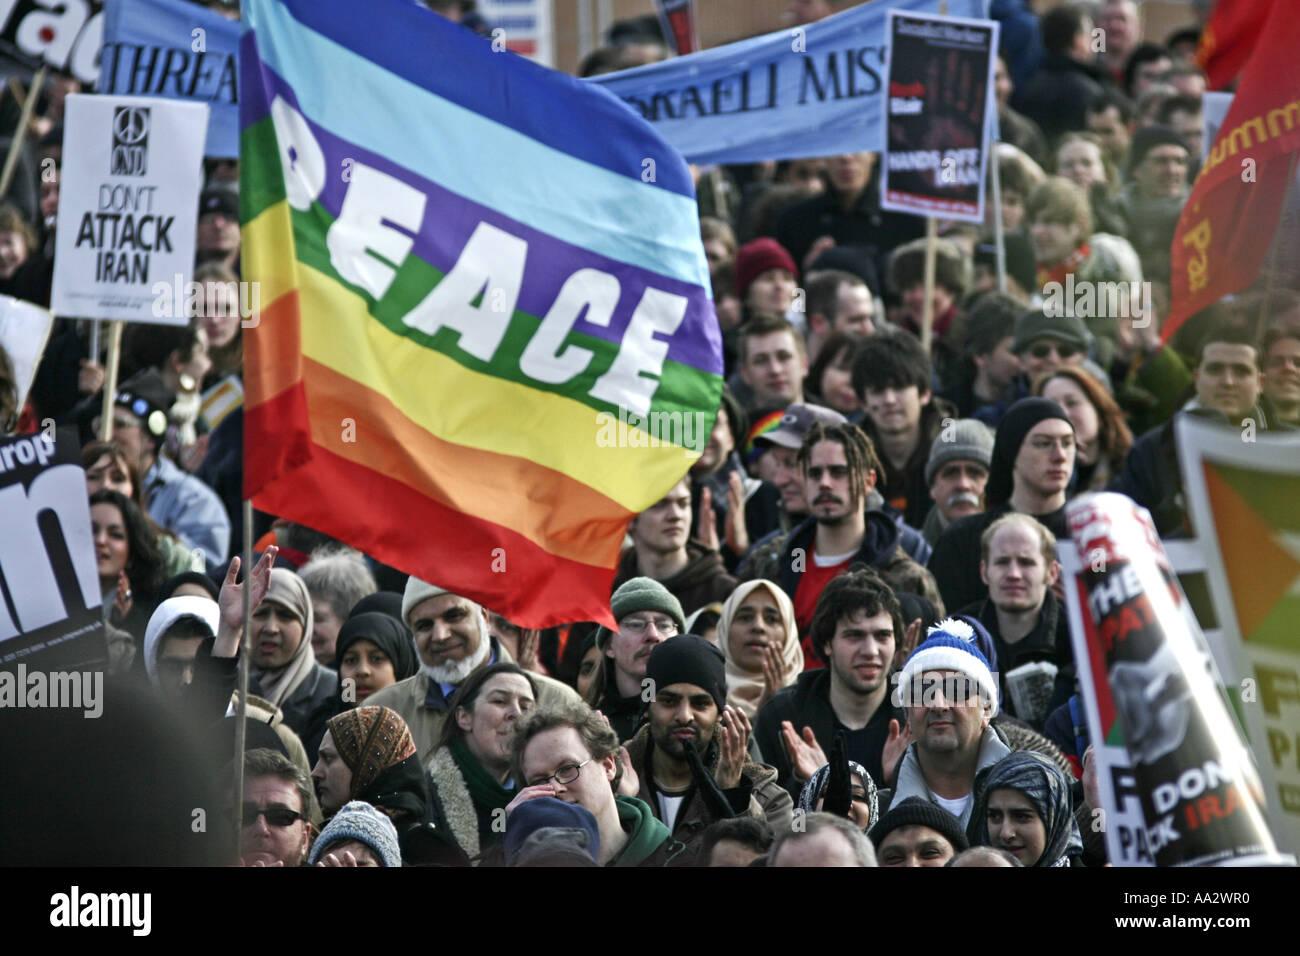 Los manifestantes en paz demostración anti-guerra en Londres, Gran Bretaña. Imagen De Stock